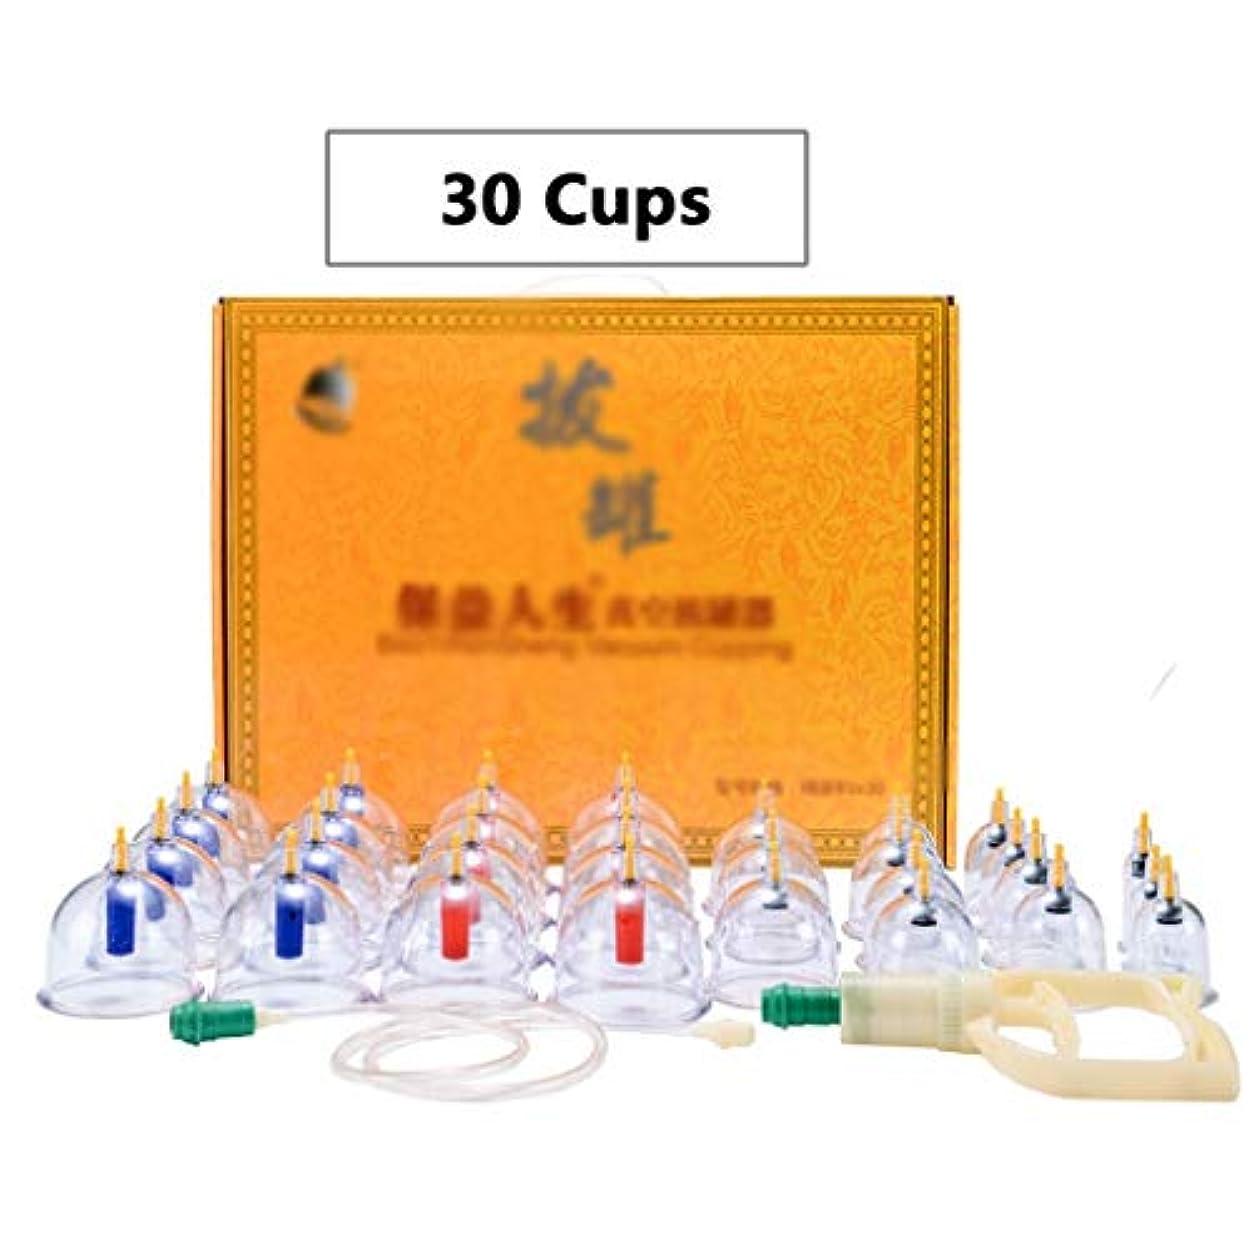 肉クリーク肉屋中国の体のカッピング装置、真空カッピングセット、30カップ、手動透明カッピング、家庭用吸引カッピング療法 (色 : 30 Cups)